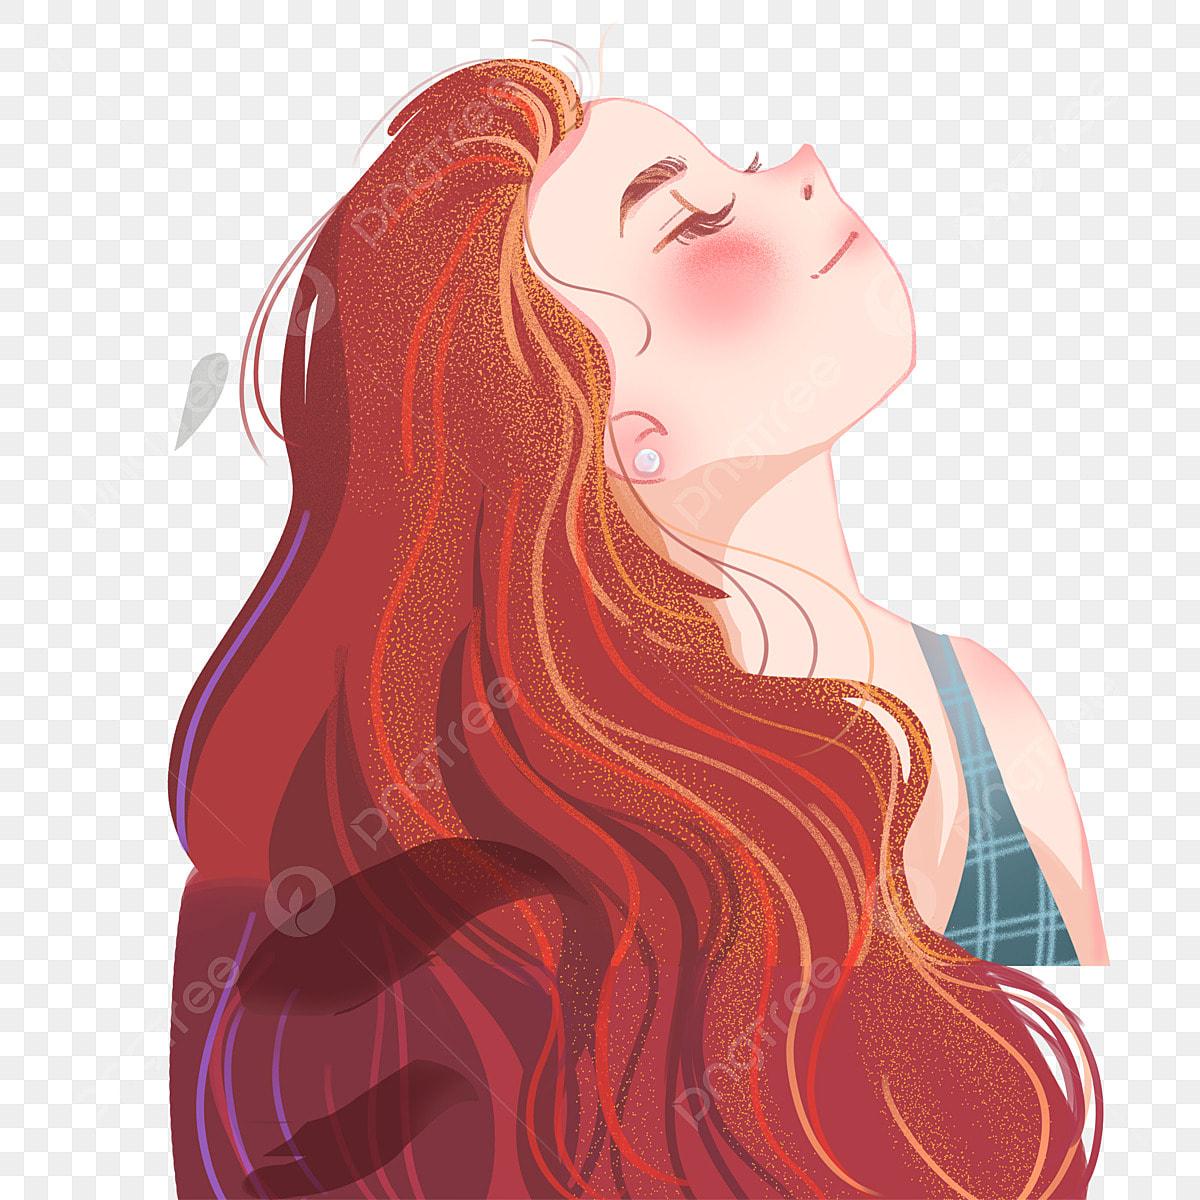 Cheveux Longs Personnage Fille Dessin Animé Rouge Fille